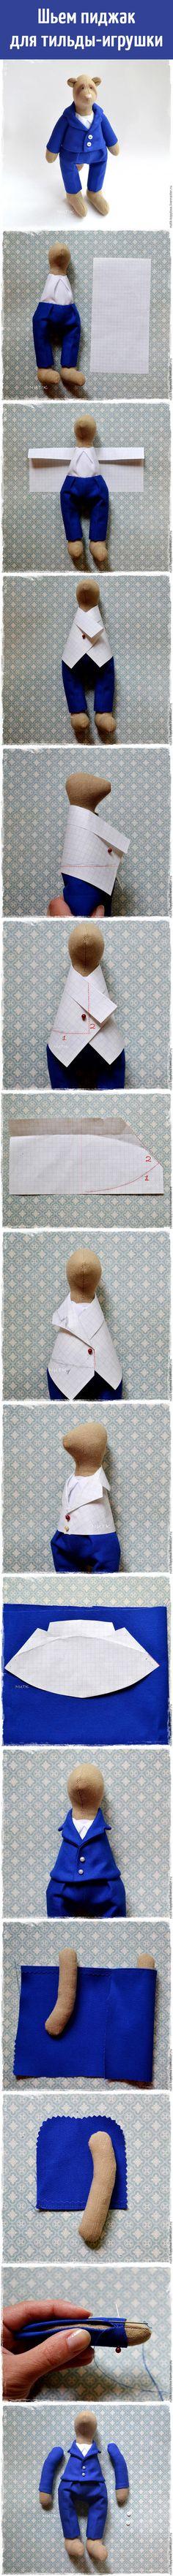 Учимся шить одежду для текстильных игрушек макетным методом #DIY #сделайсам #МК #мастеркласс #ручнаяработа #handmade #tuttorial #toy